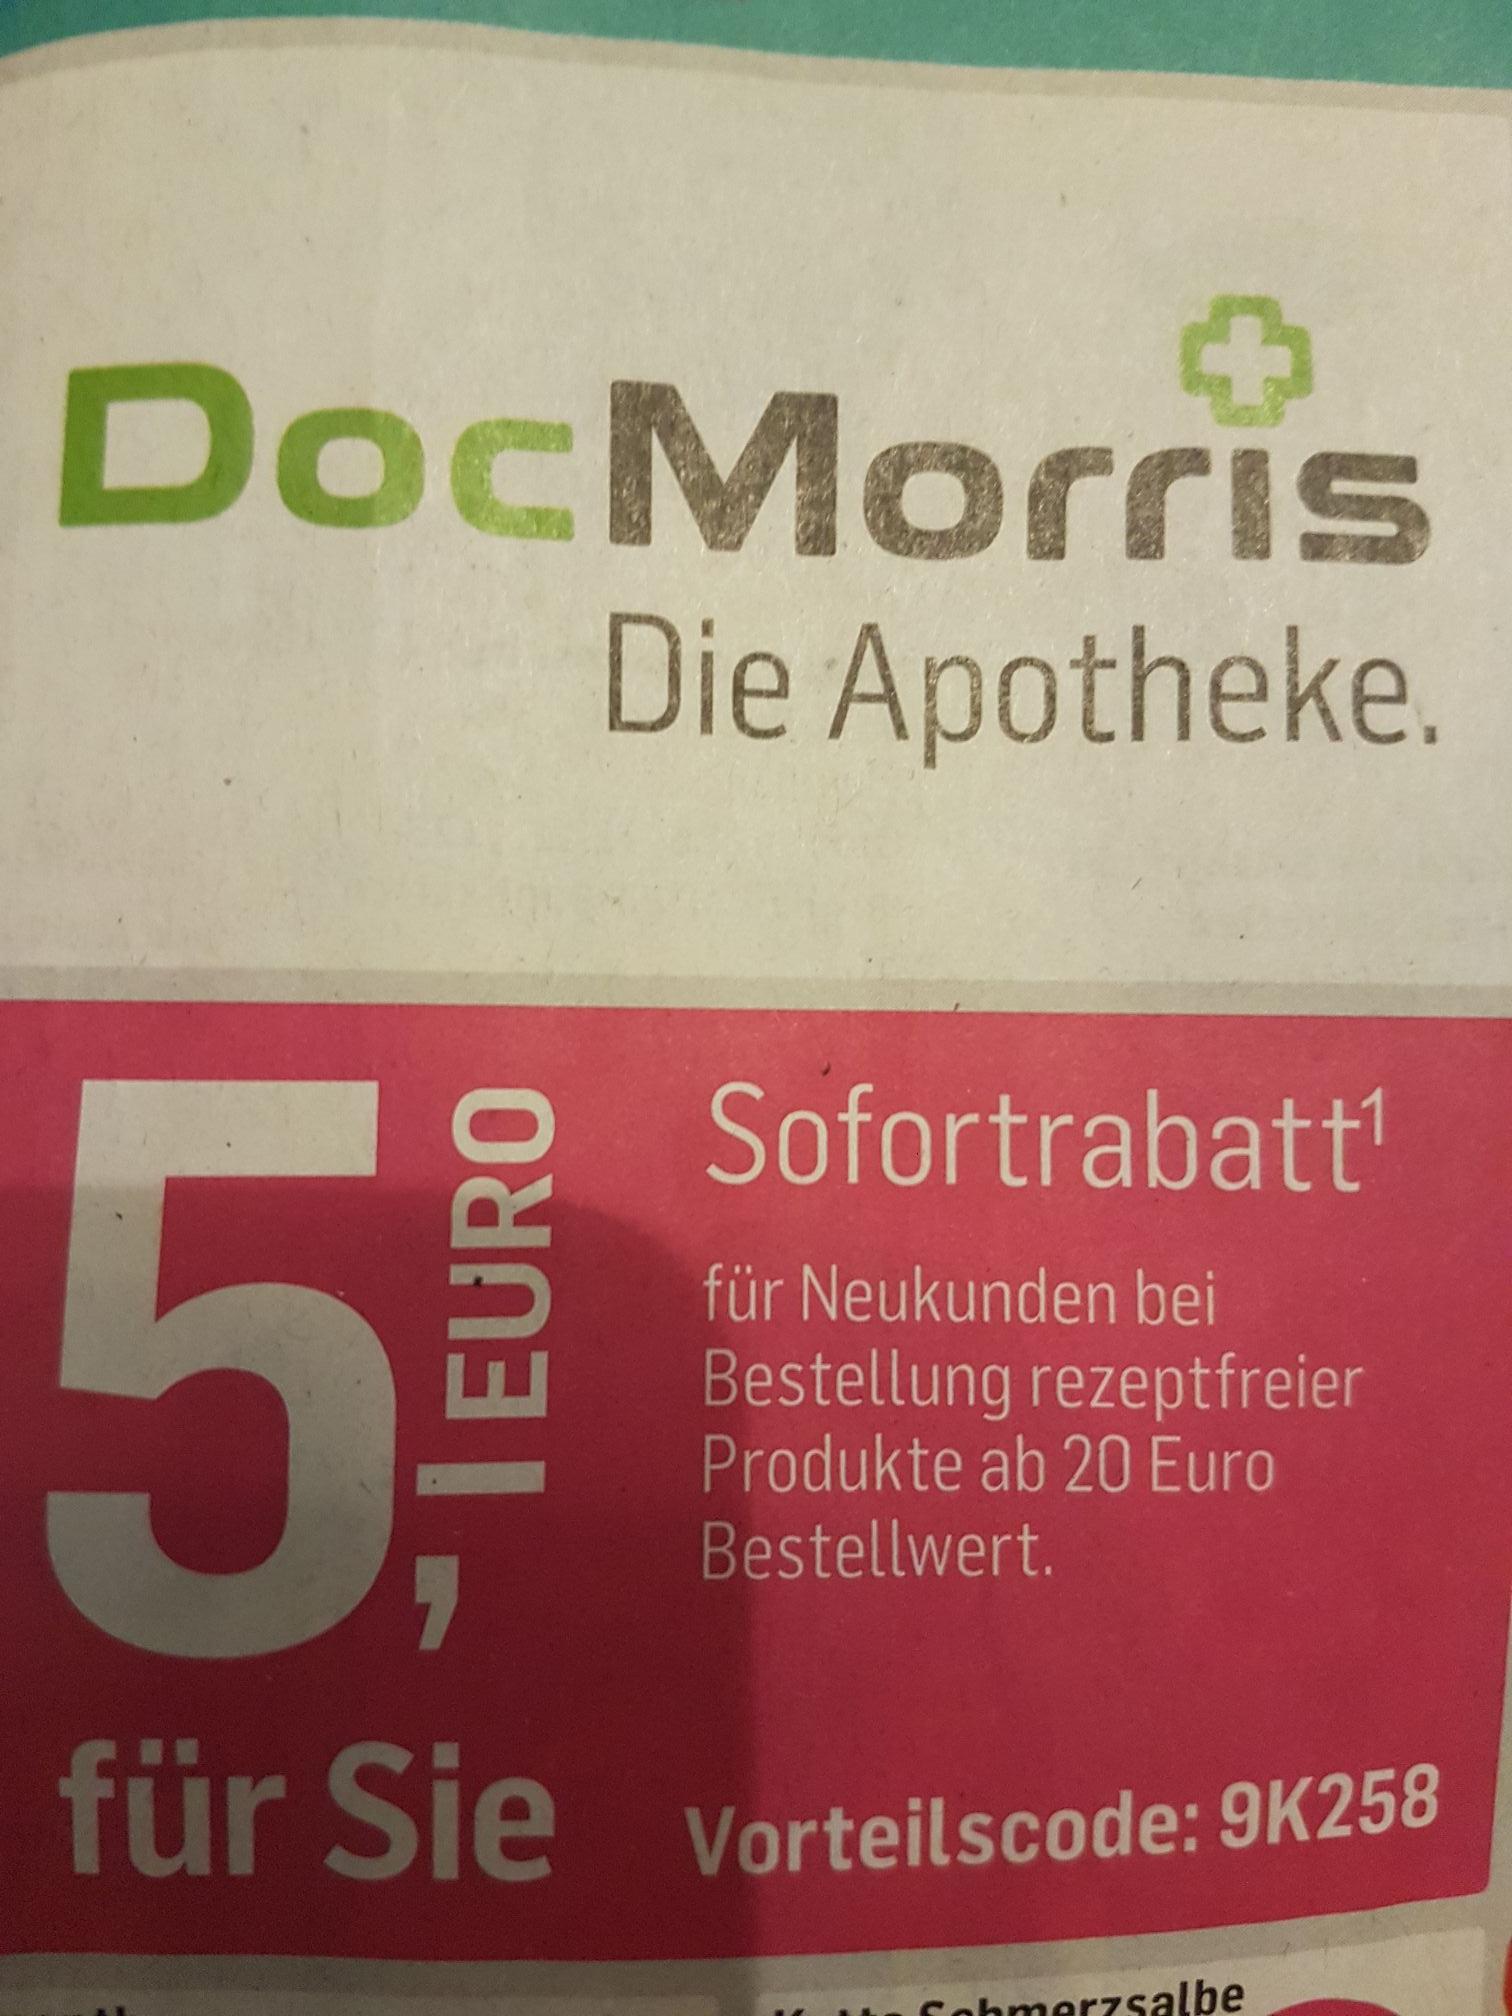 Neukundenrabatt 5€ bei DocMorris Onlineapotheke ab 20€ Bestellwert